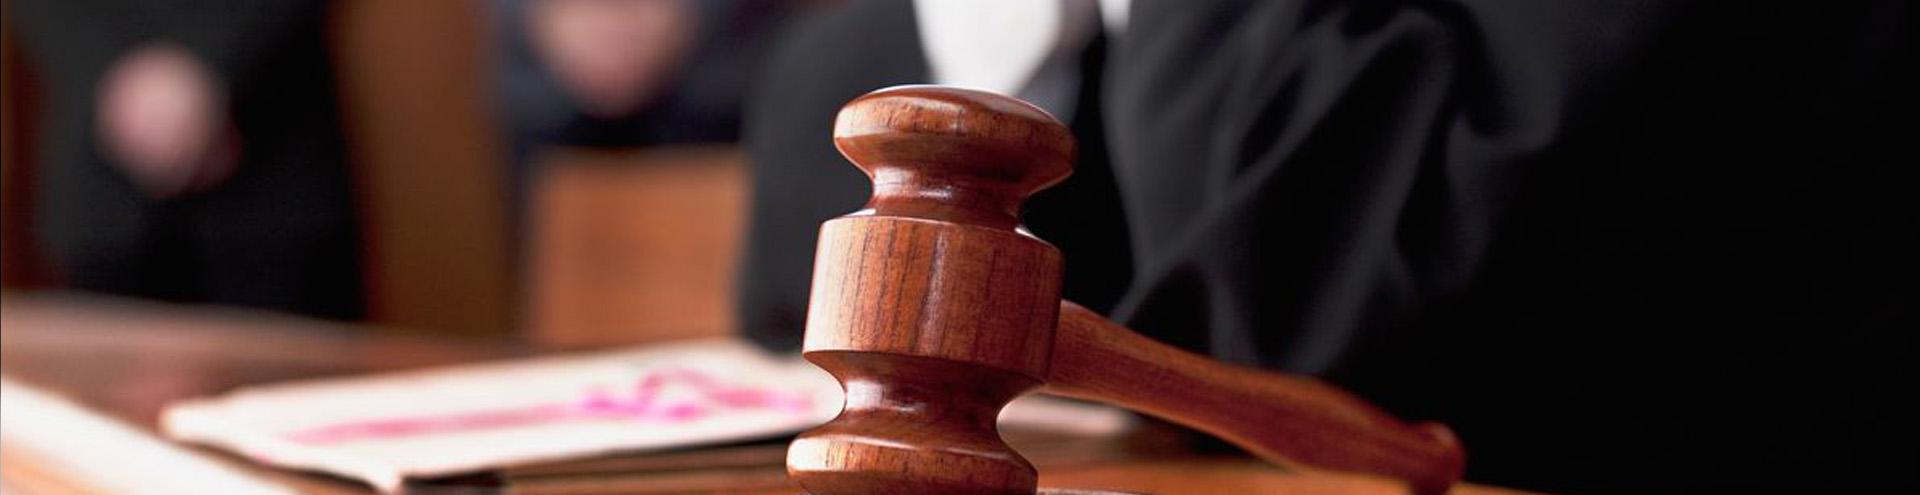 апелляционная жалоба в Пензе и Пензенской области